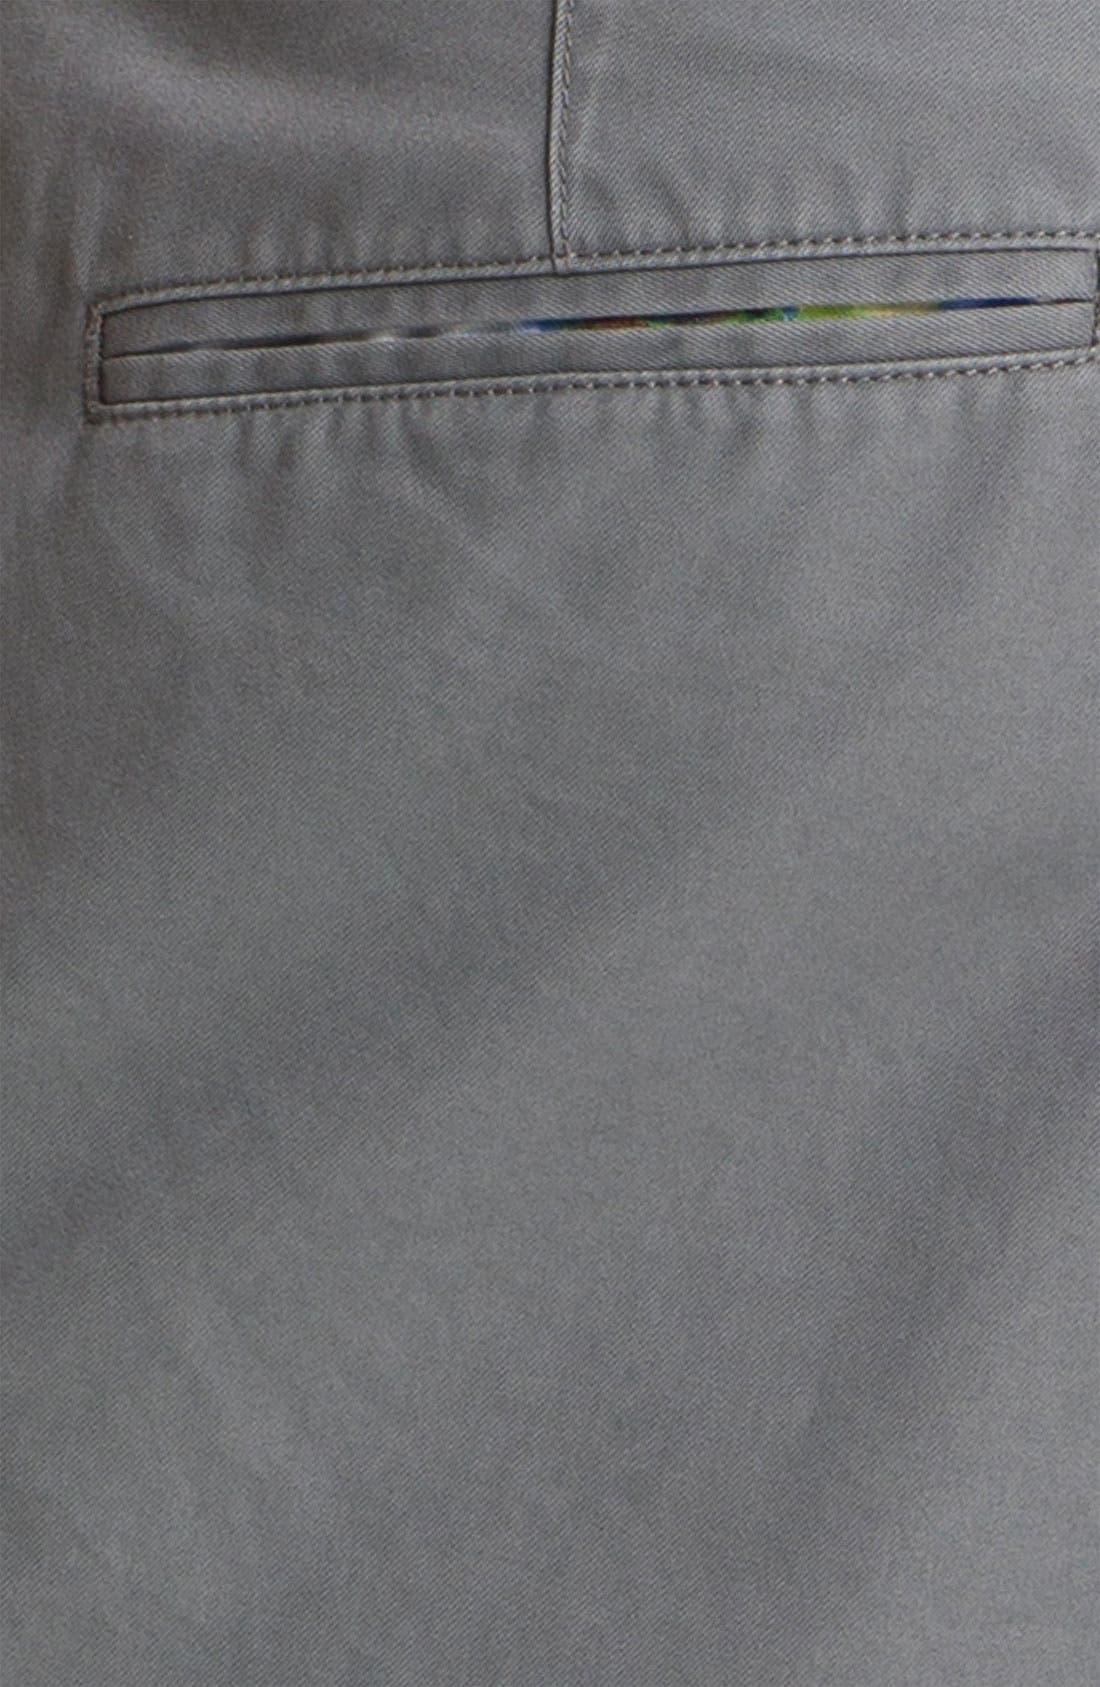 Chino Shorts,                             Alternate thumbnail 3, color,                             030